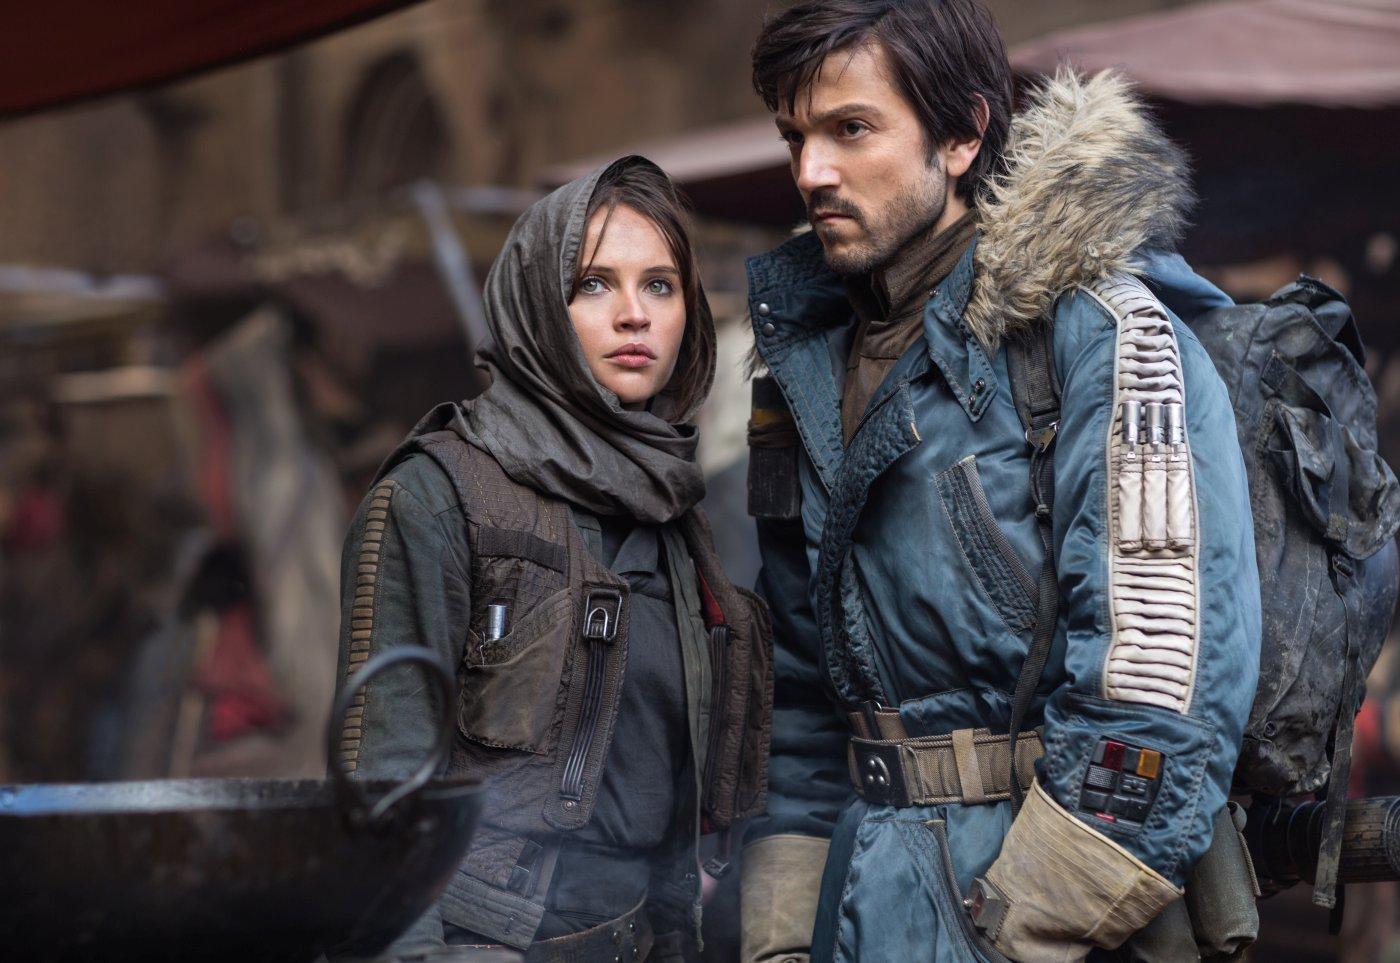 Star Wars Bir kült destanın aktörleri 27